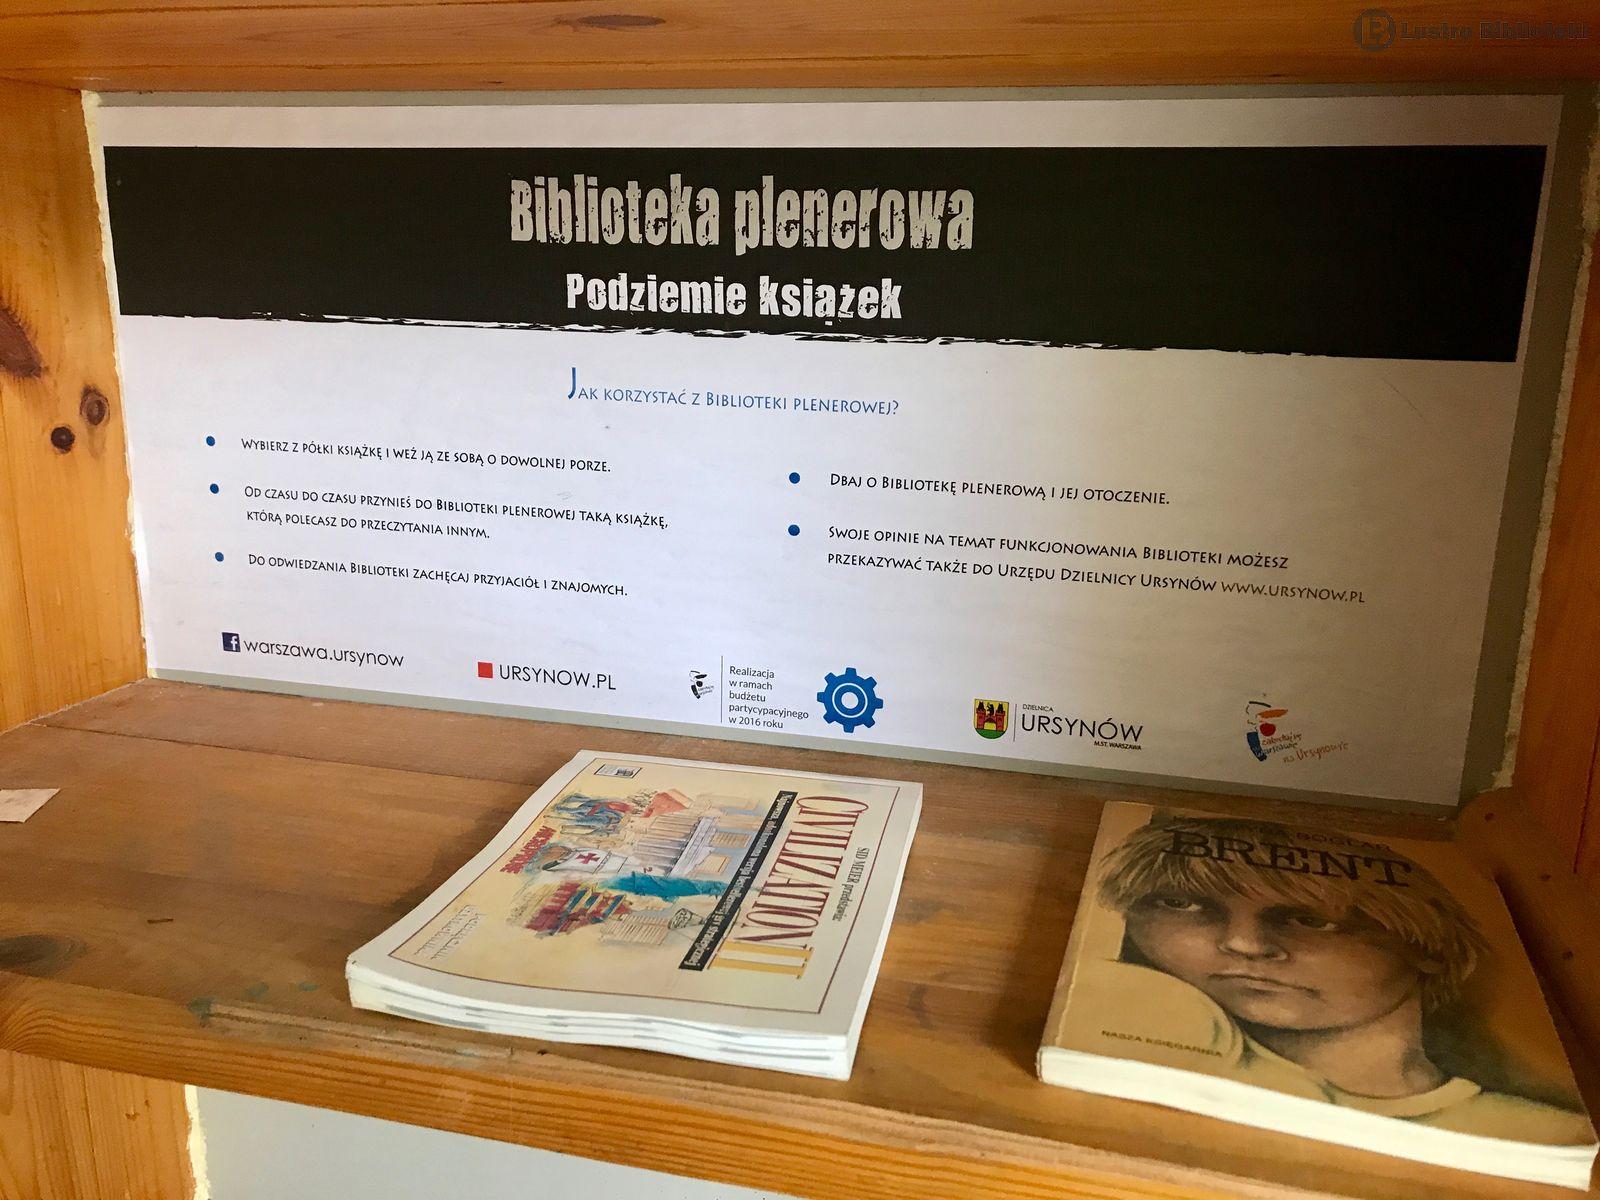 Podziemie książek mikrobiblioteki